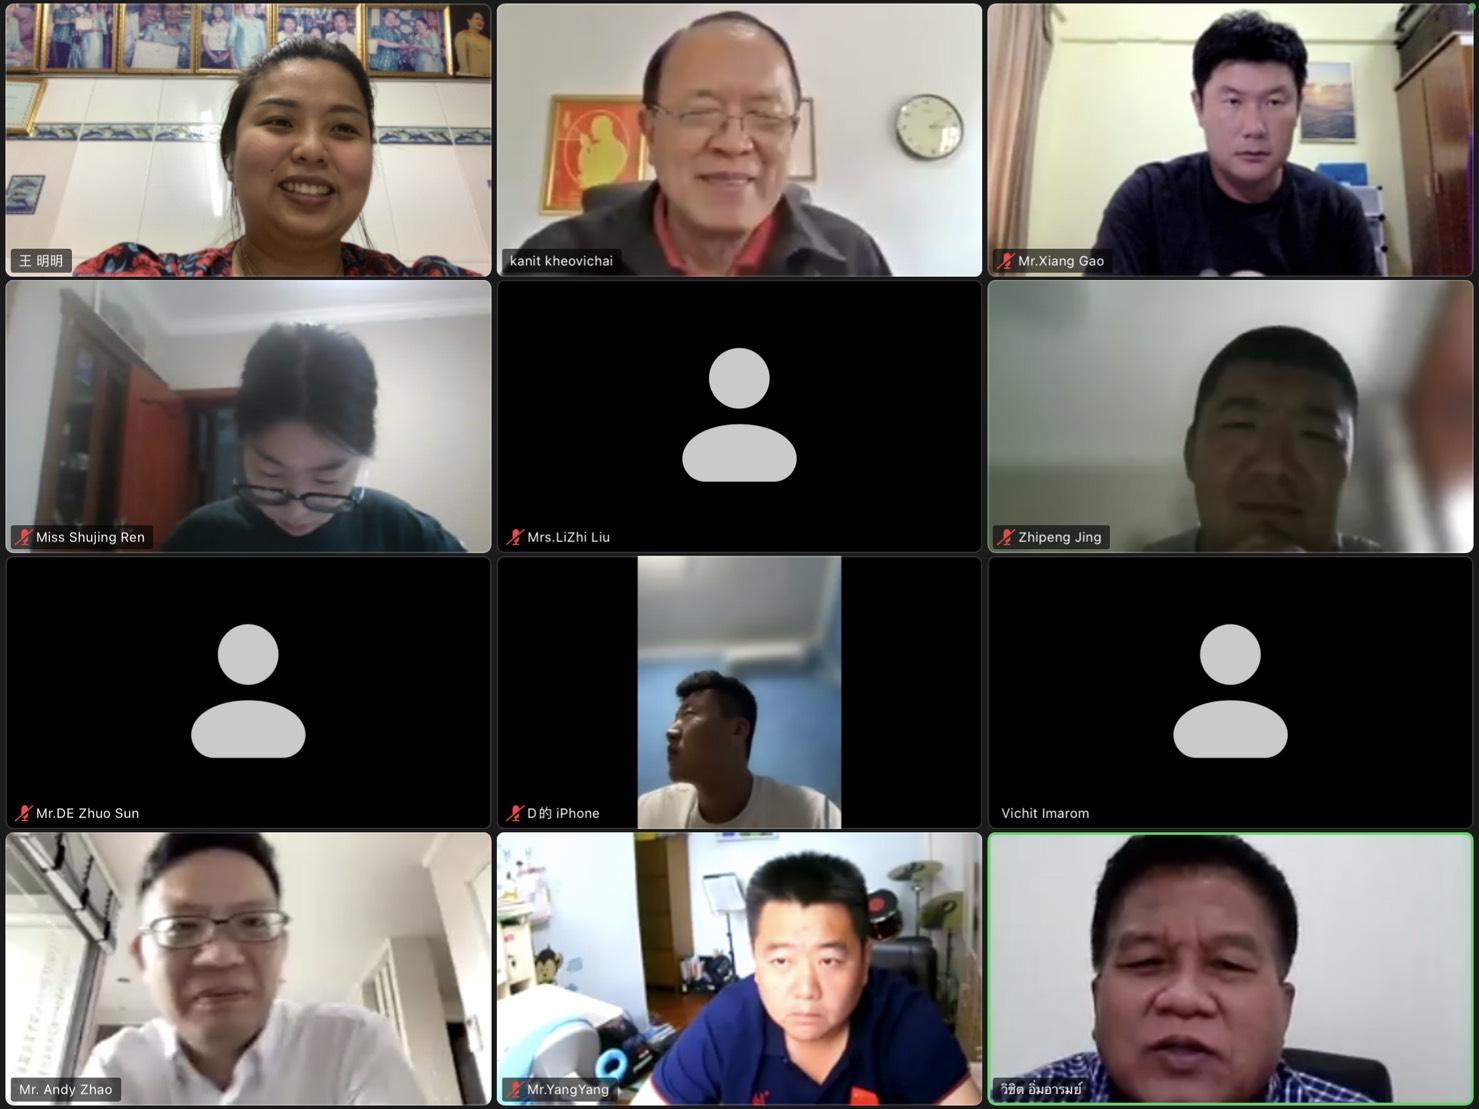 เปิดเรียนวันแรก นศ.จีน เข้าเรียนออนไลน์พร้อมหน้า ชื่นมื่นทั้งผู้เรียนและผู้สอน